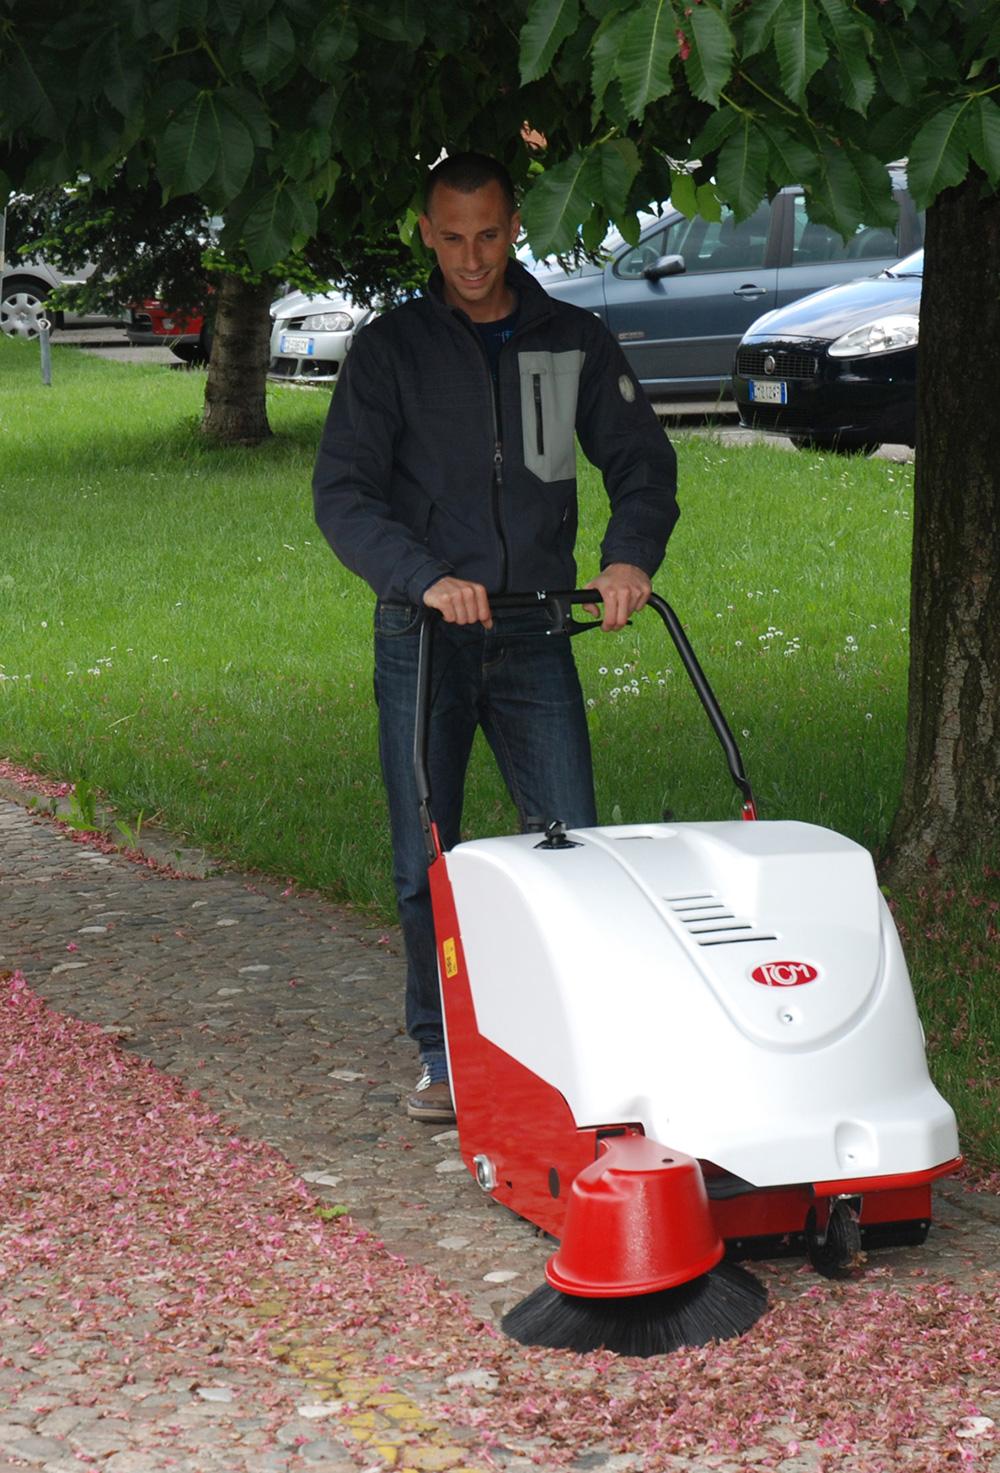 Fregadoras para la limpieza de los suelos de restaurantes y comunidades